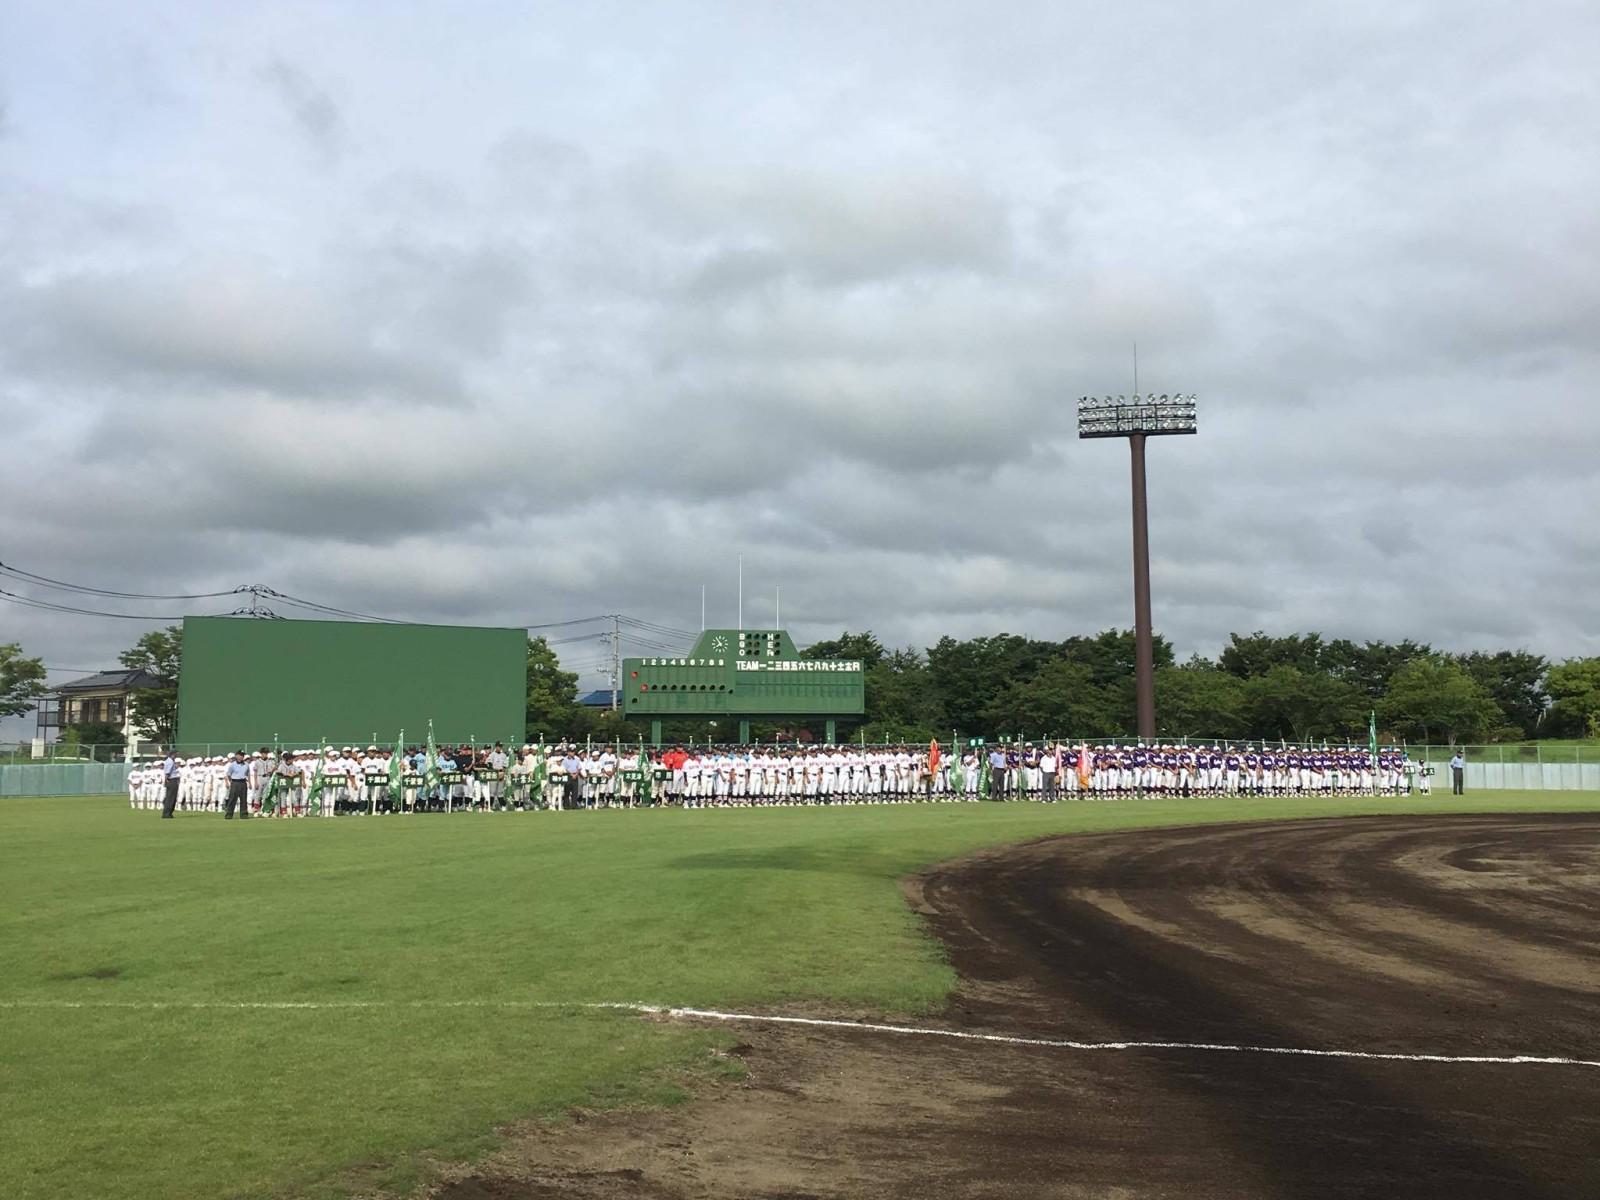 2017.08.20 2017年度ミズノ杯東関東支部秋季大会 開会式01